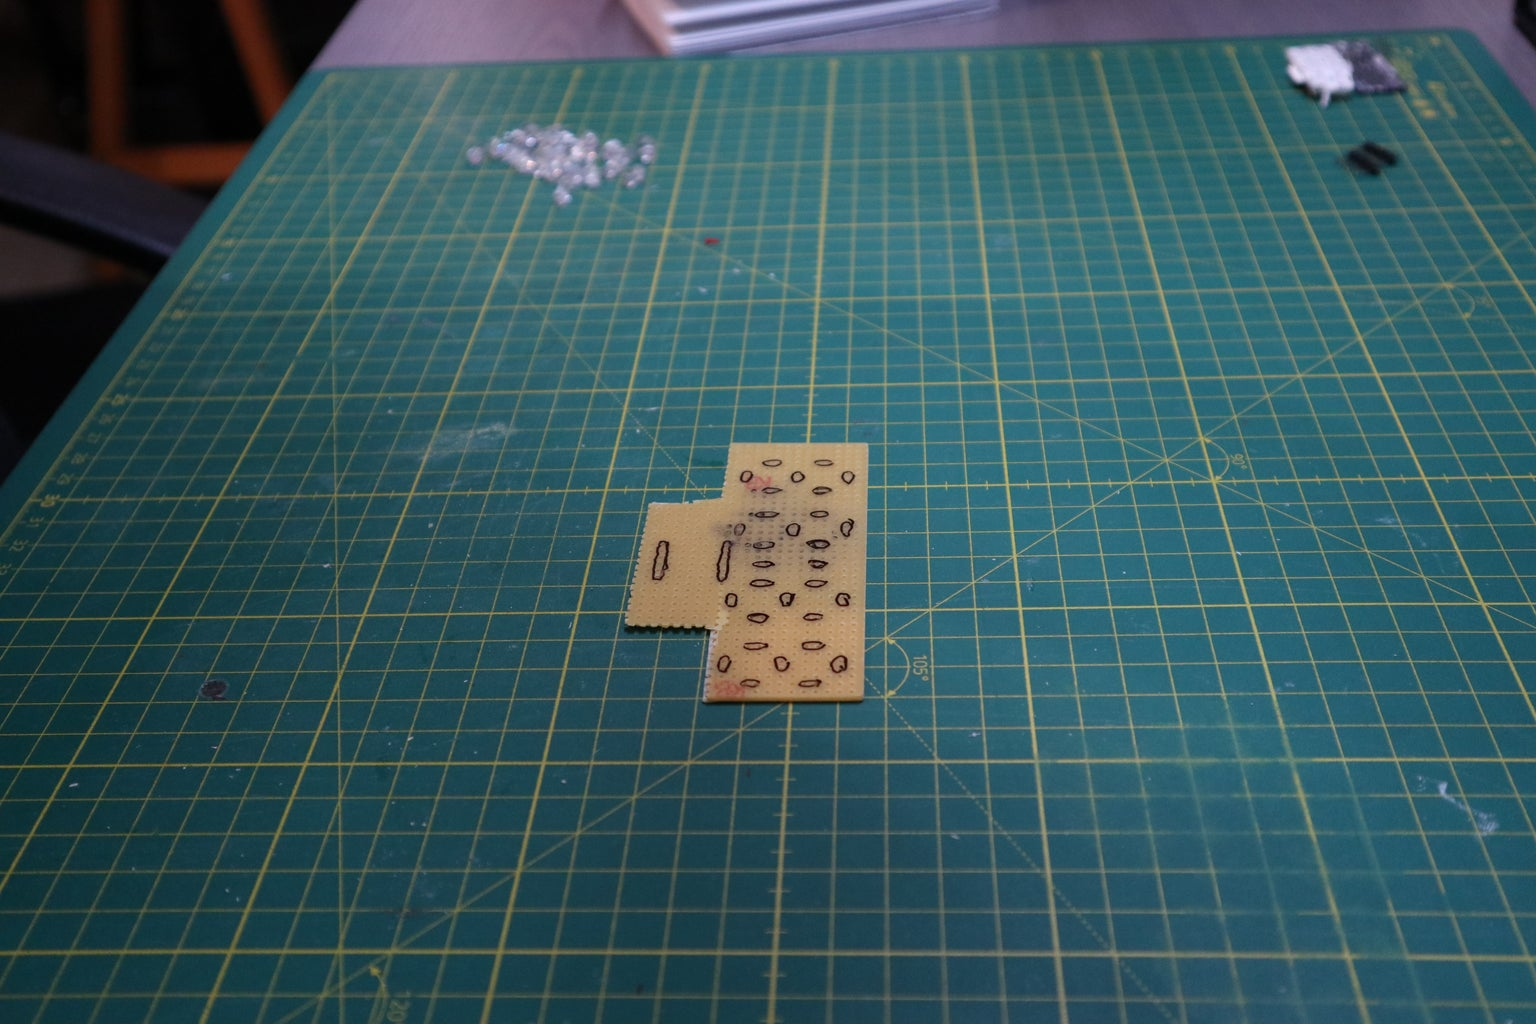 Prepare Protoype PCB